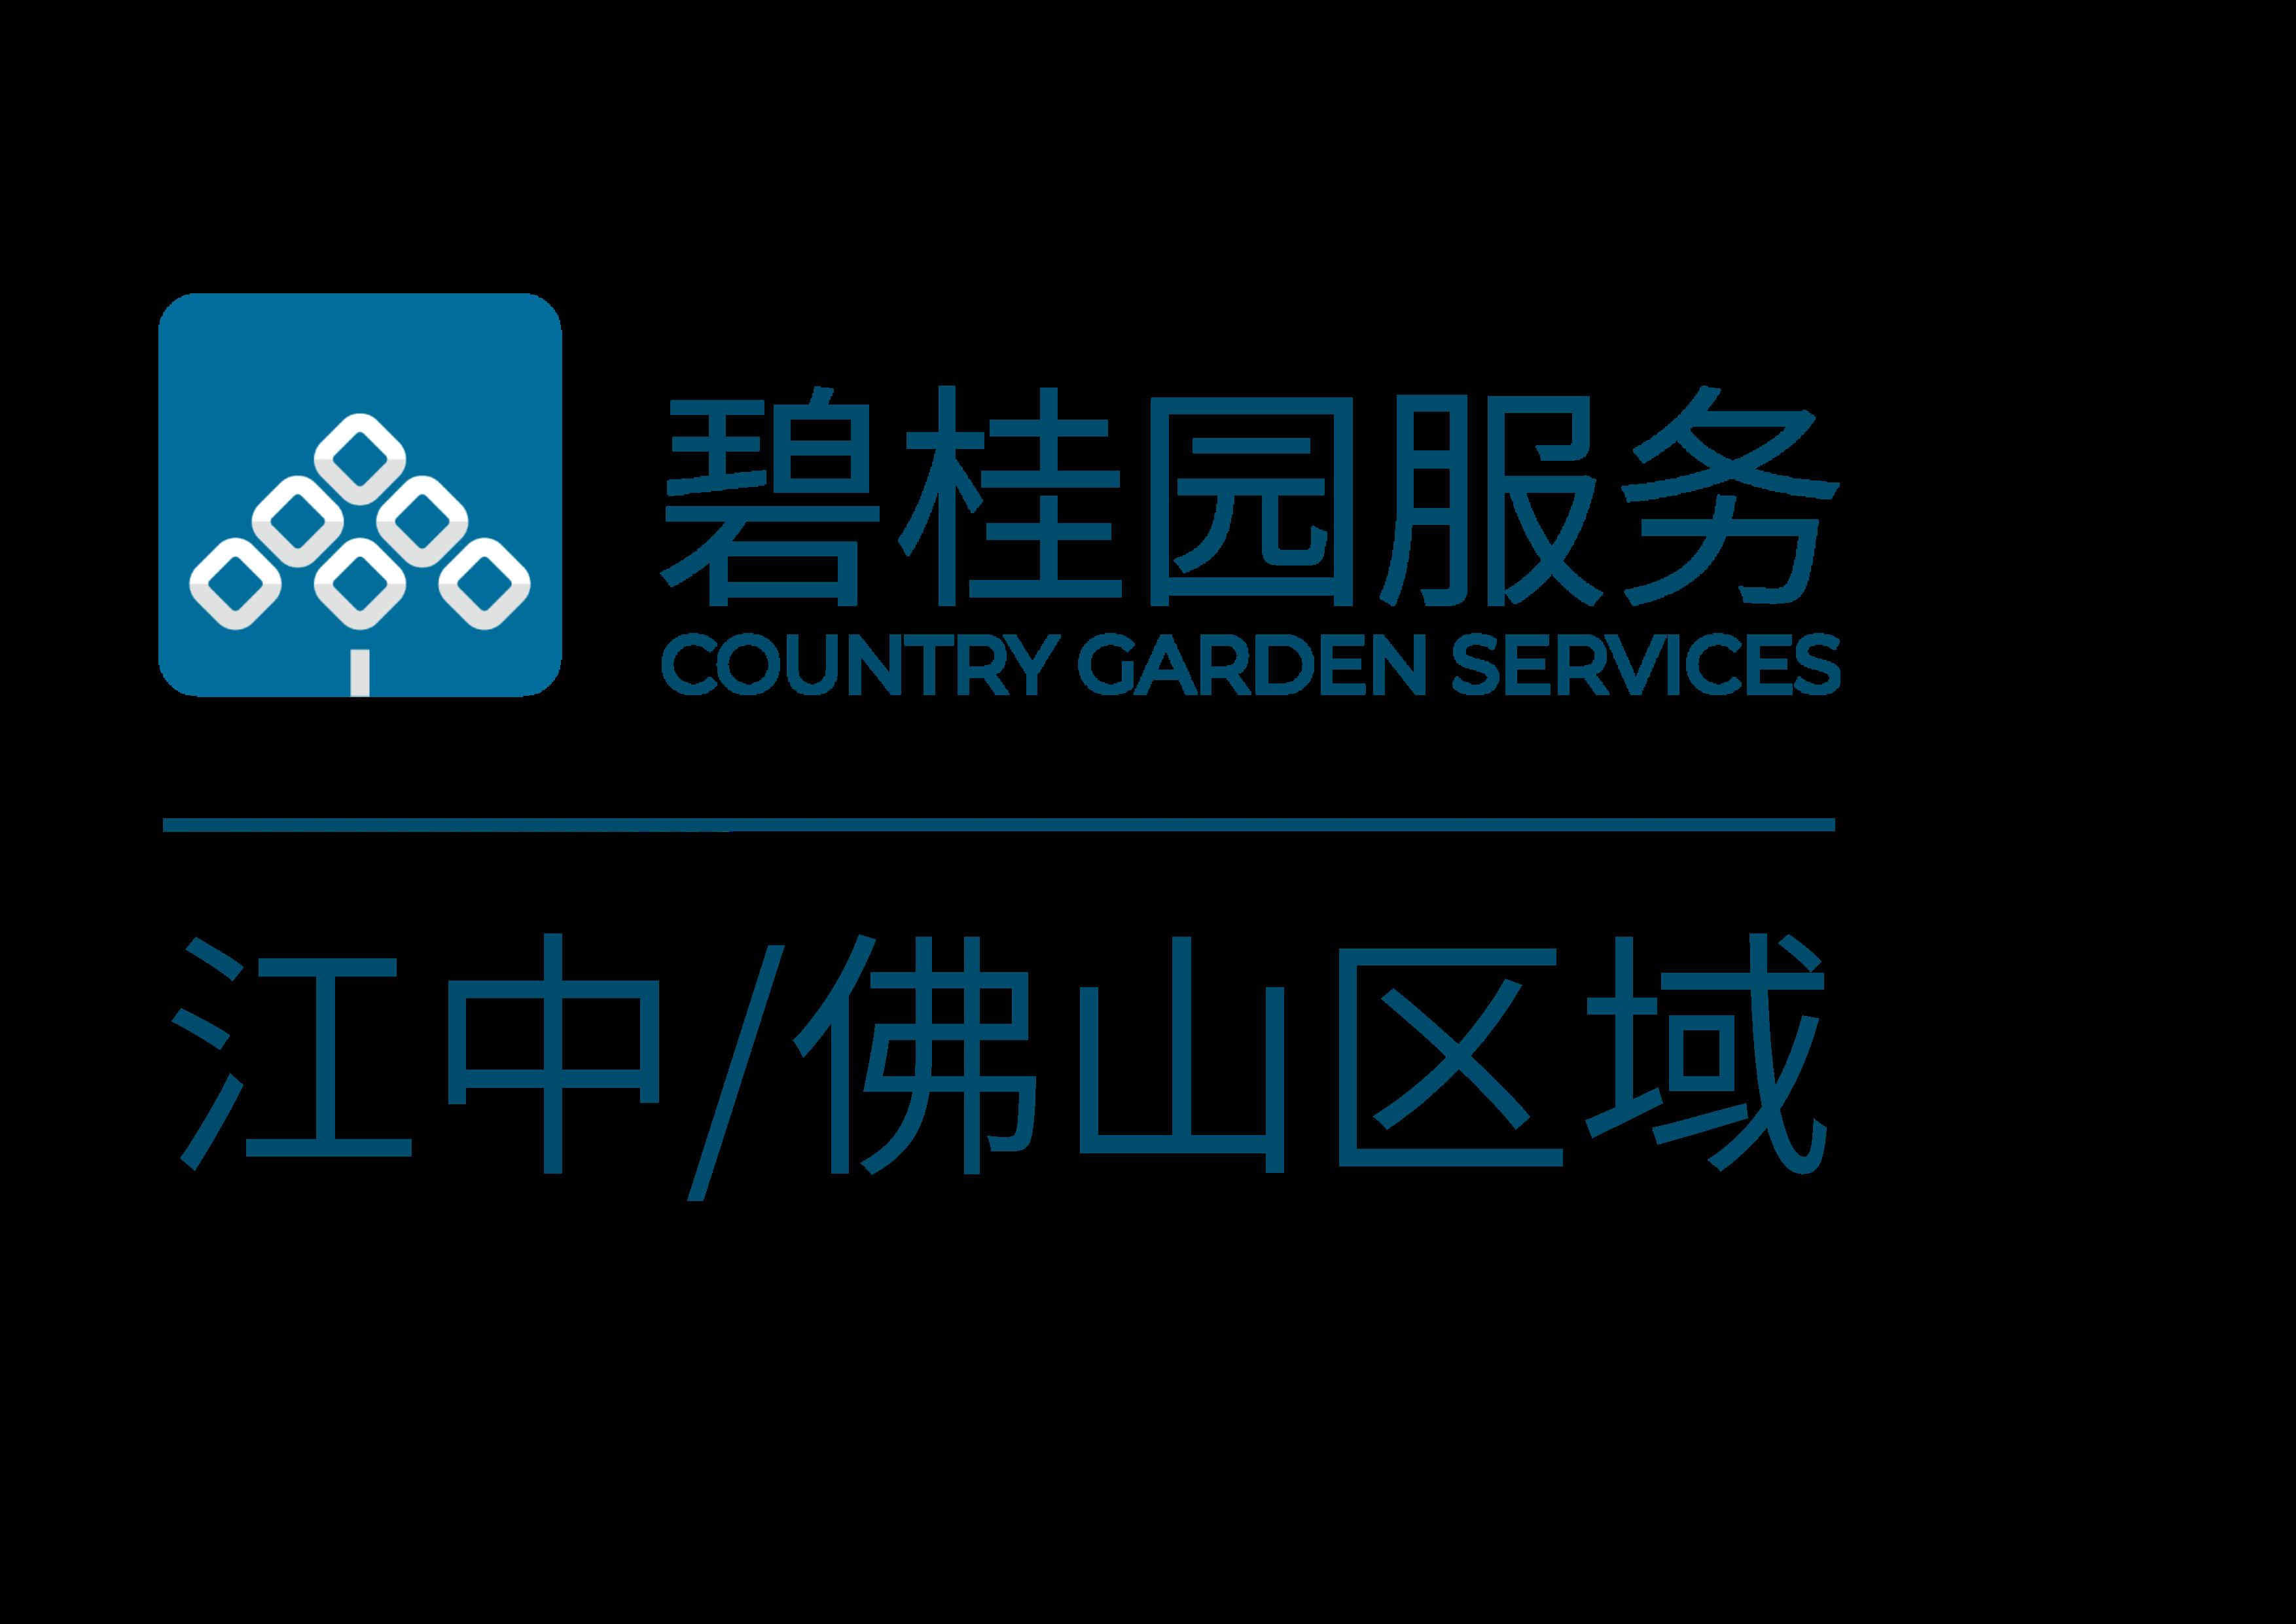 碧桂园生活服务集团股份有限公司中山分公司